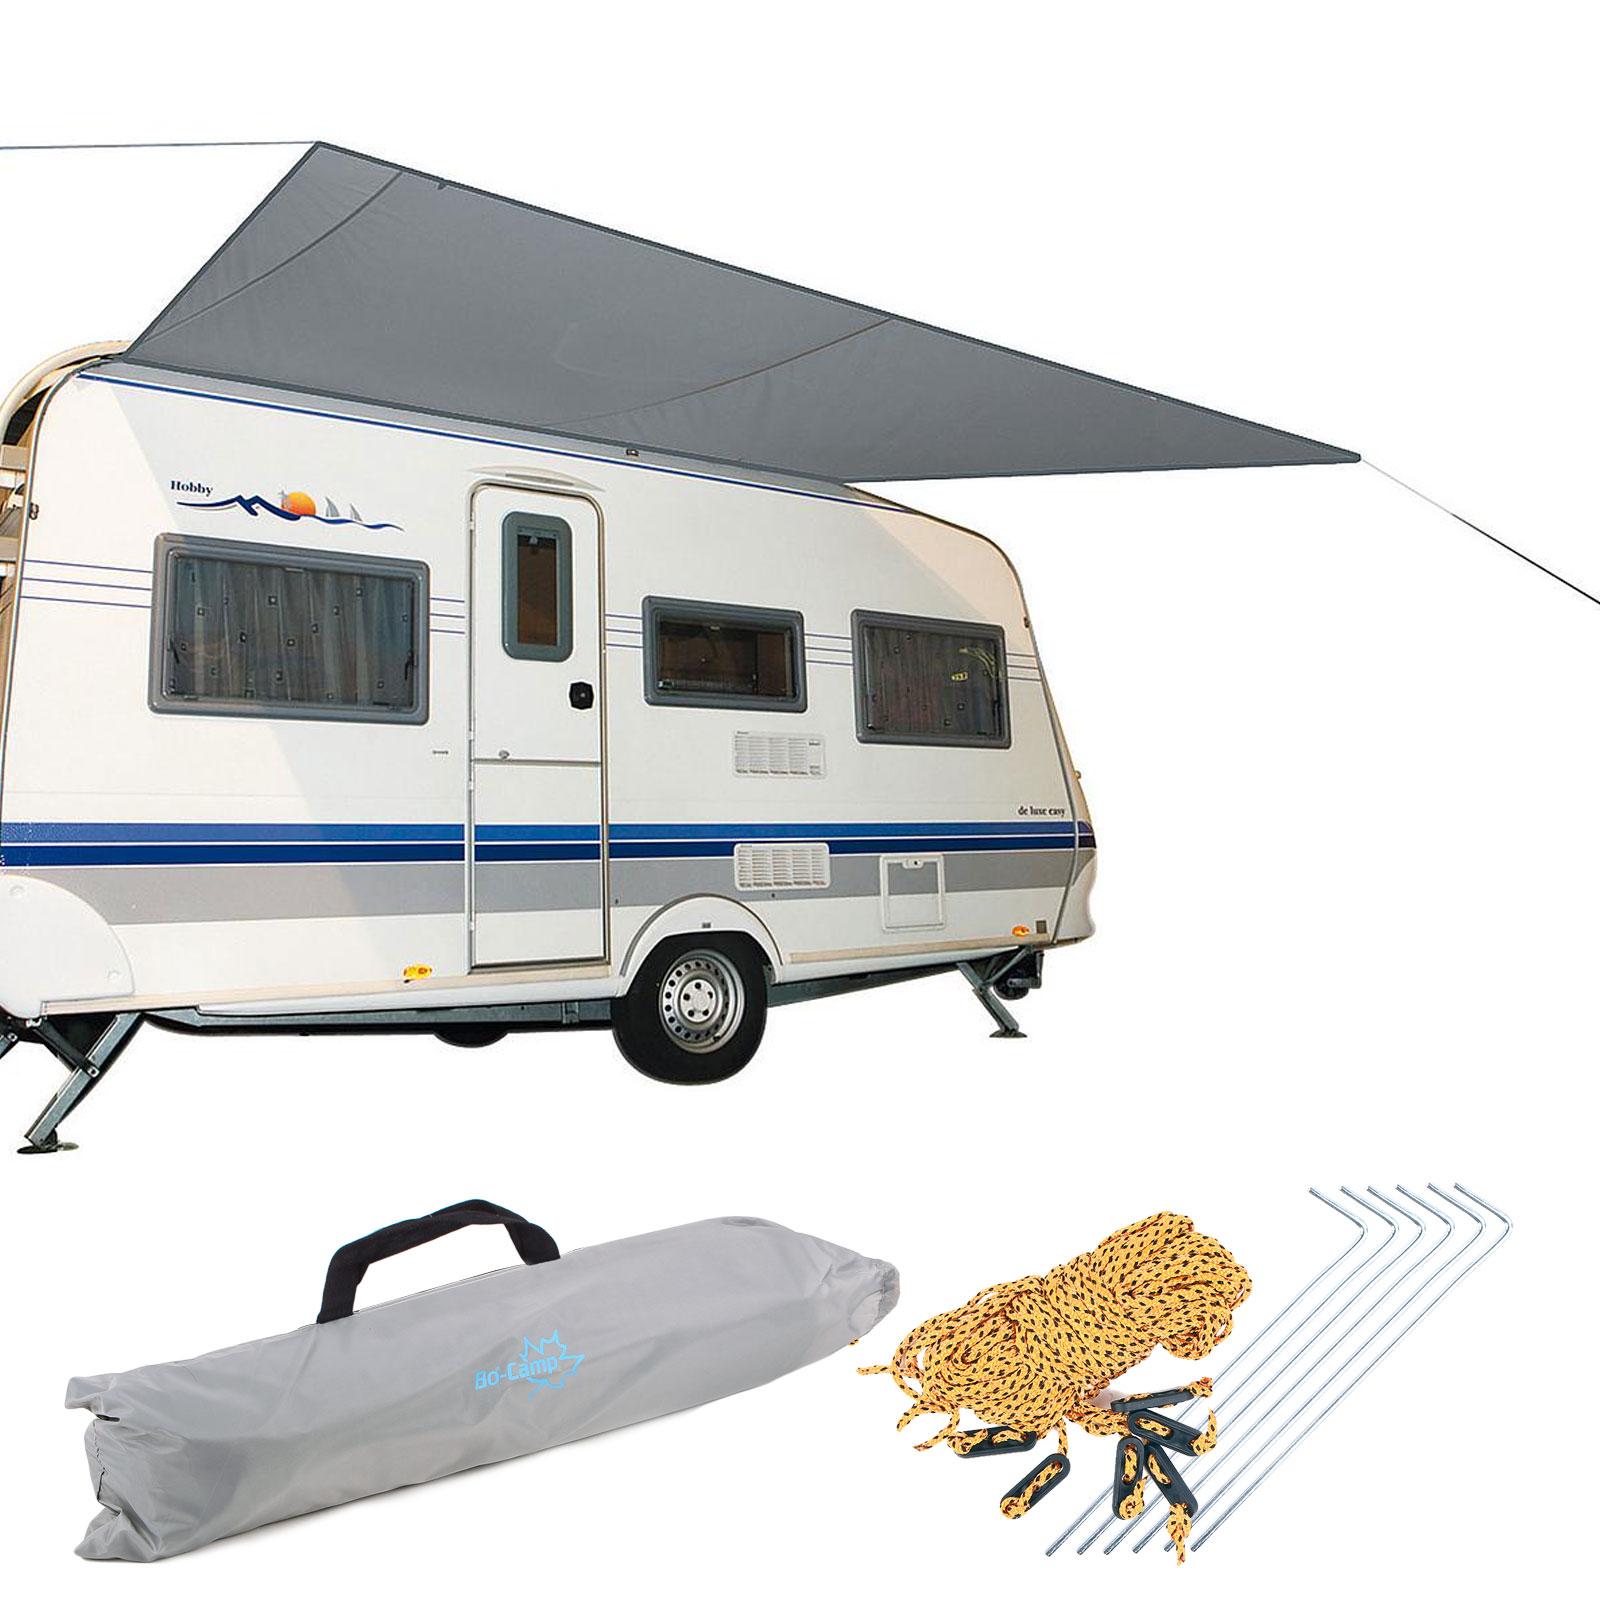 Wohnmobil Wohnwagen Sonnensegel, grau, 3,50 x 2,4m, Wassersäule 2000mm